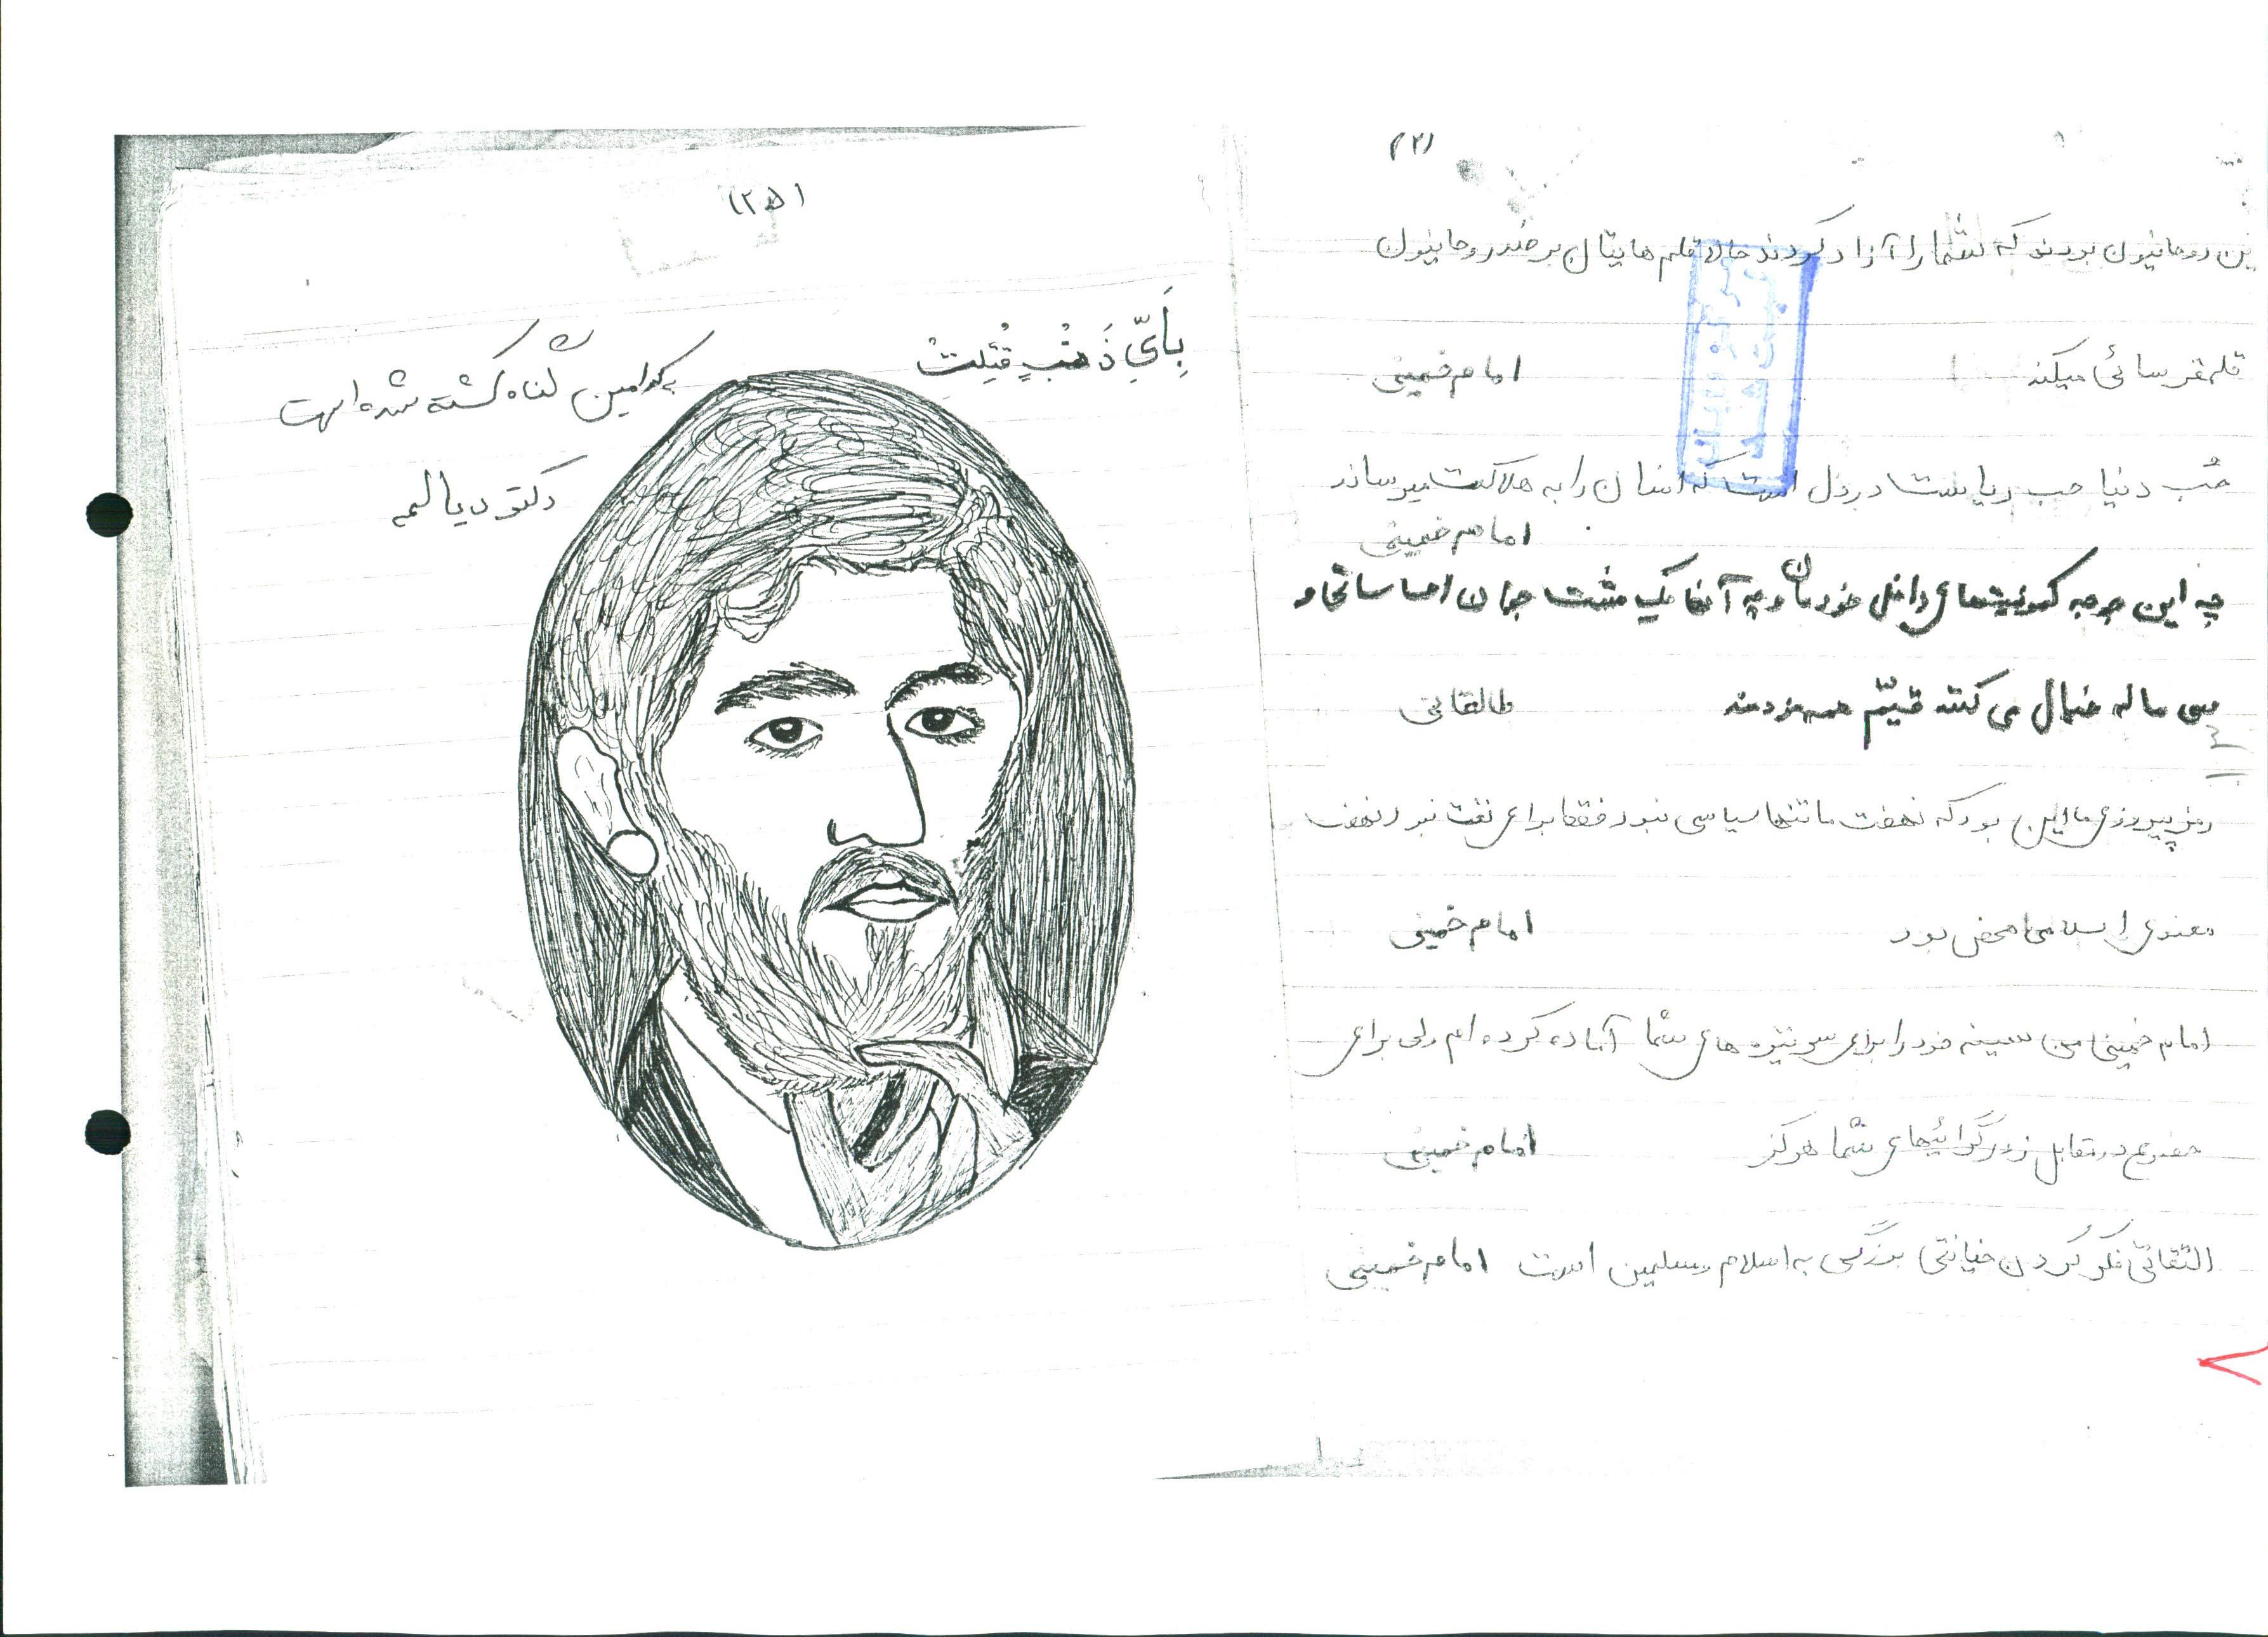 طراحی چهره شهید دیالمه توسط شهید علی اصغر میرزازاده